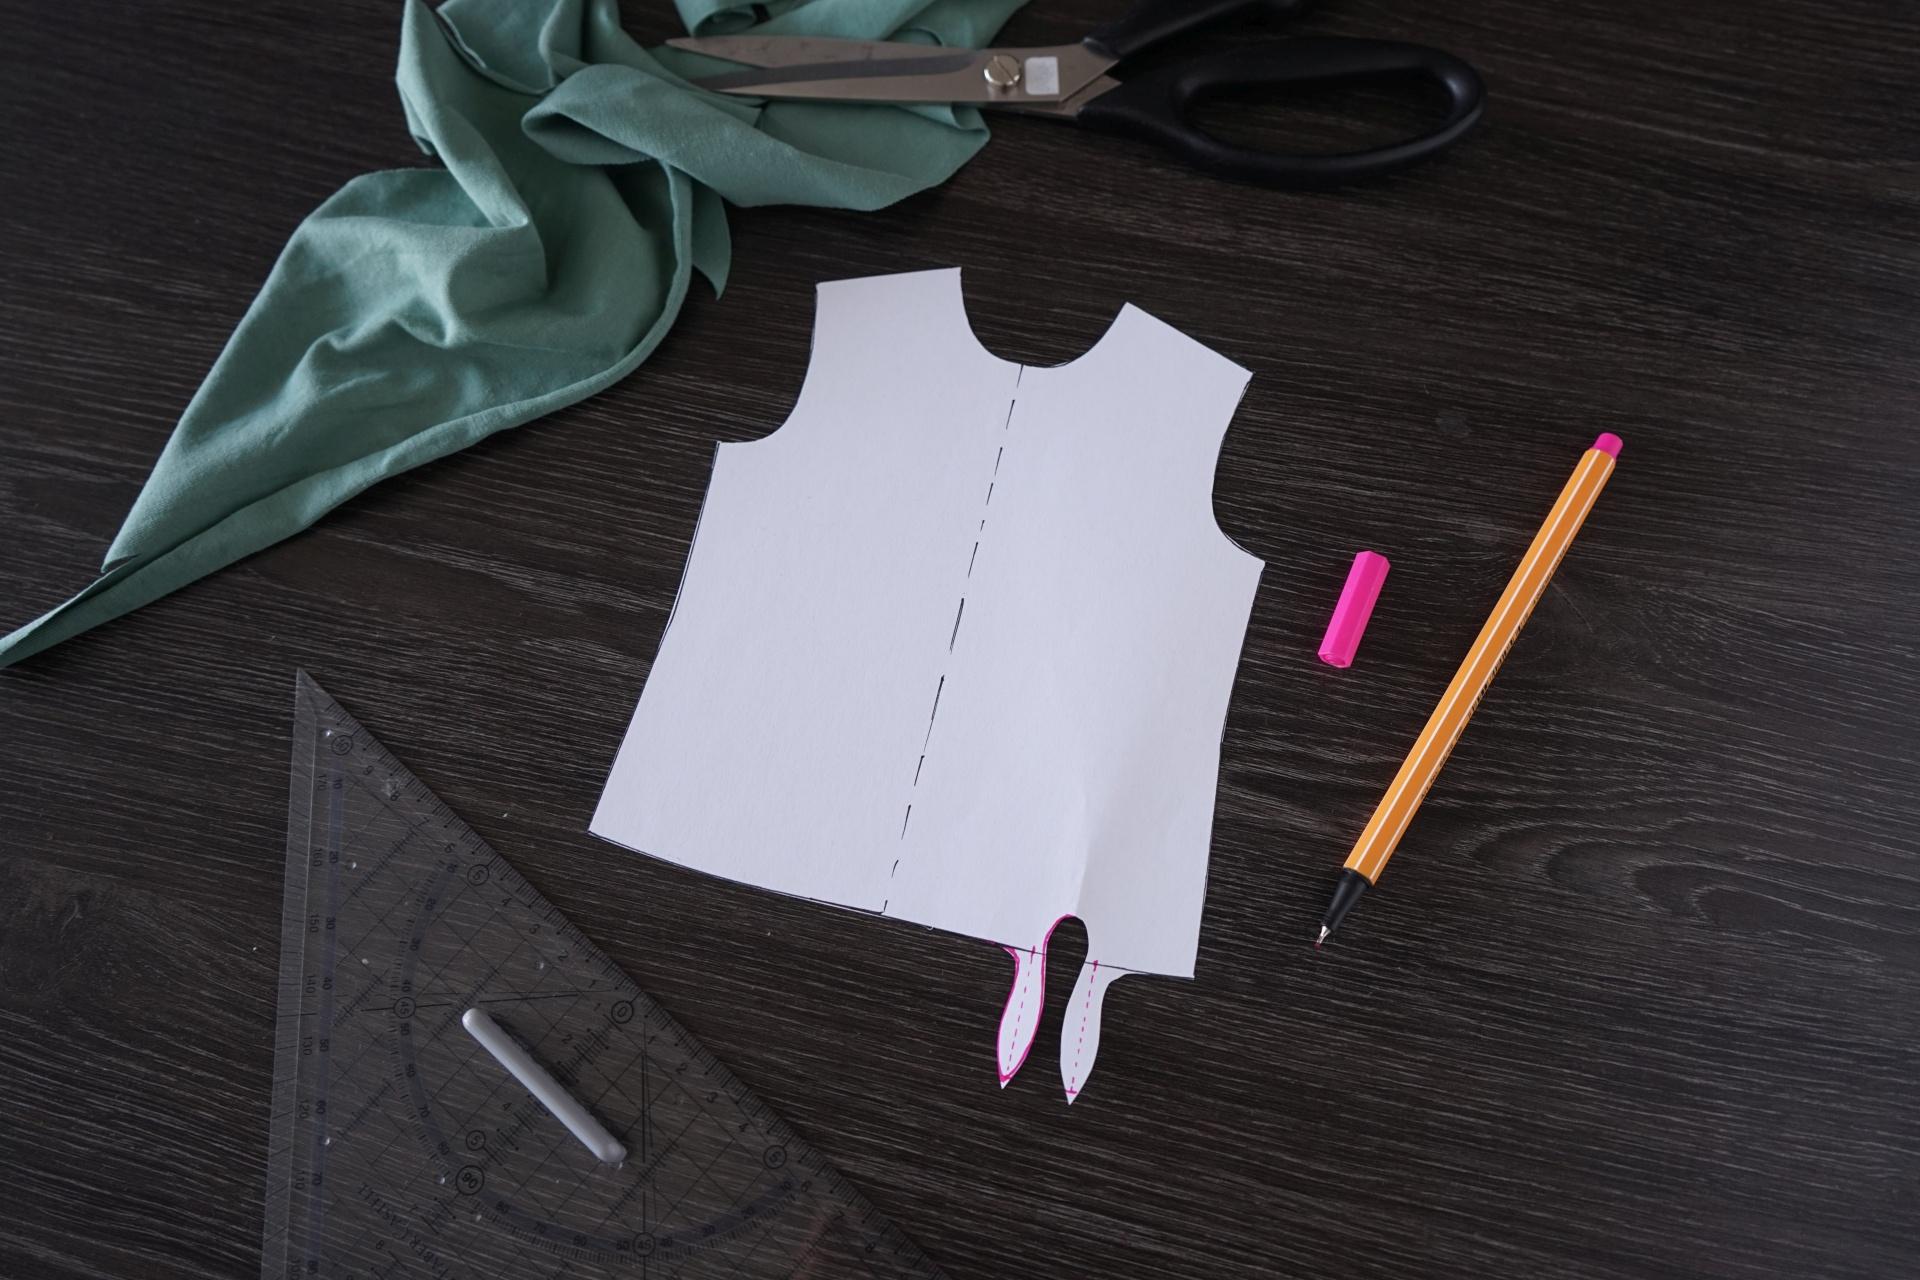 Schnittmuster für ein Knotenshirt erstellen